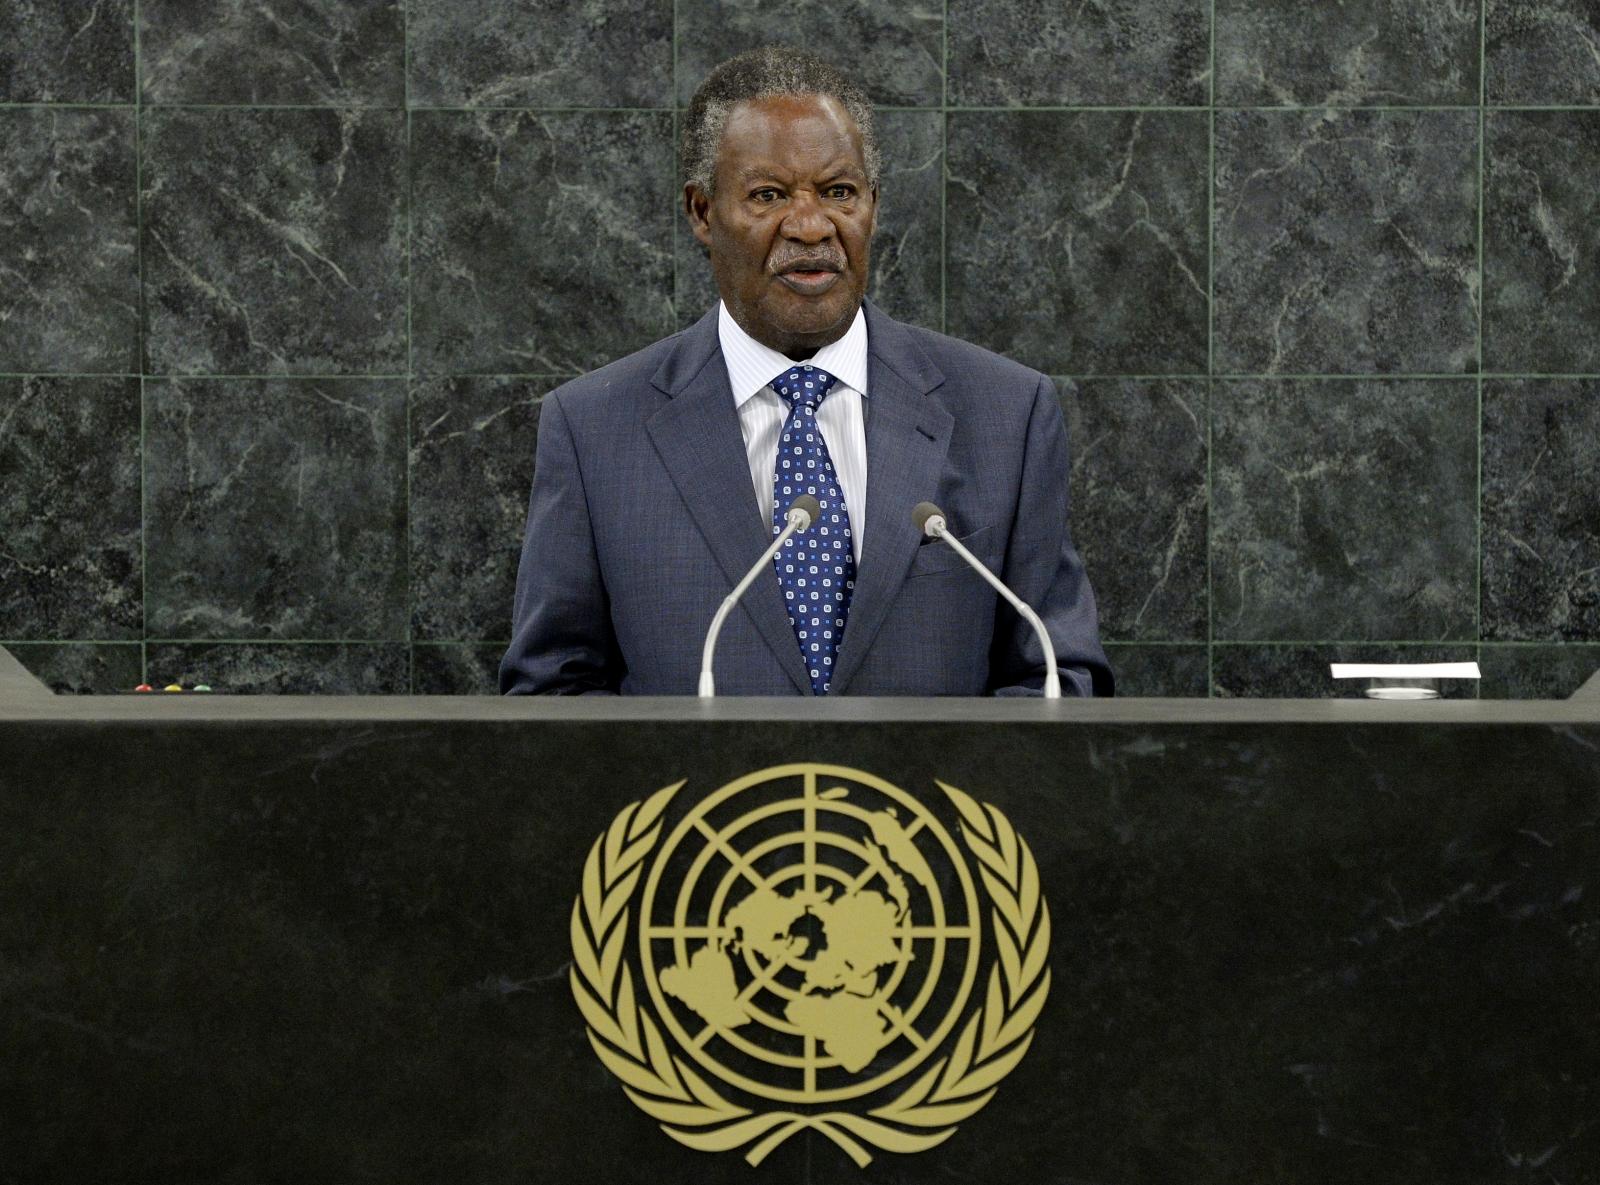 Zambian President Michael Sata Dies in London as Deputy Set to Take Control